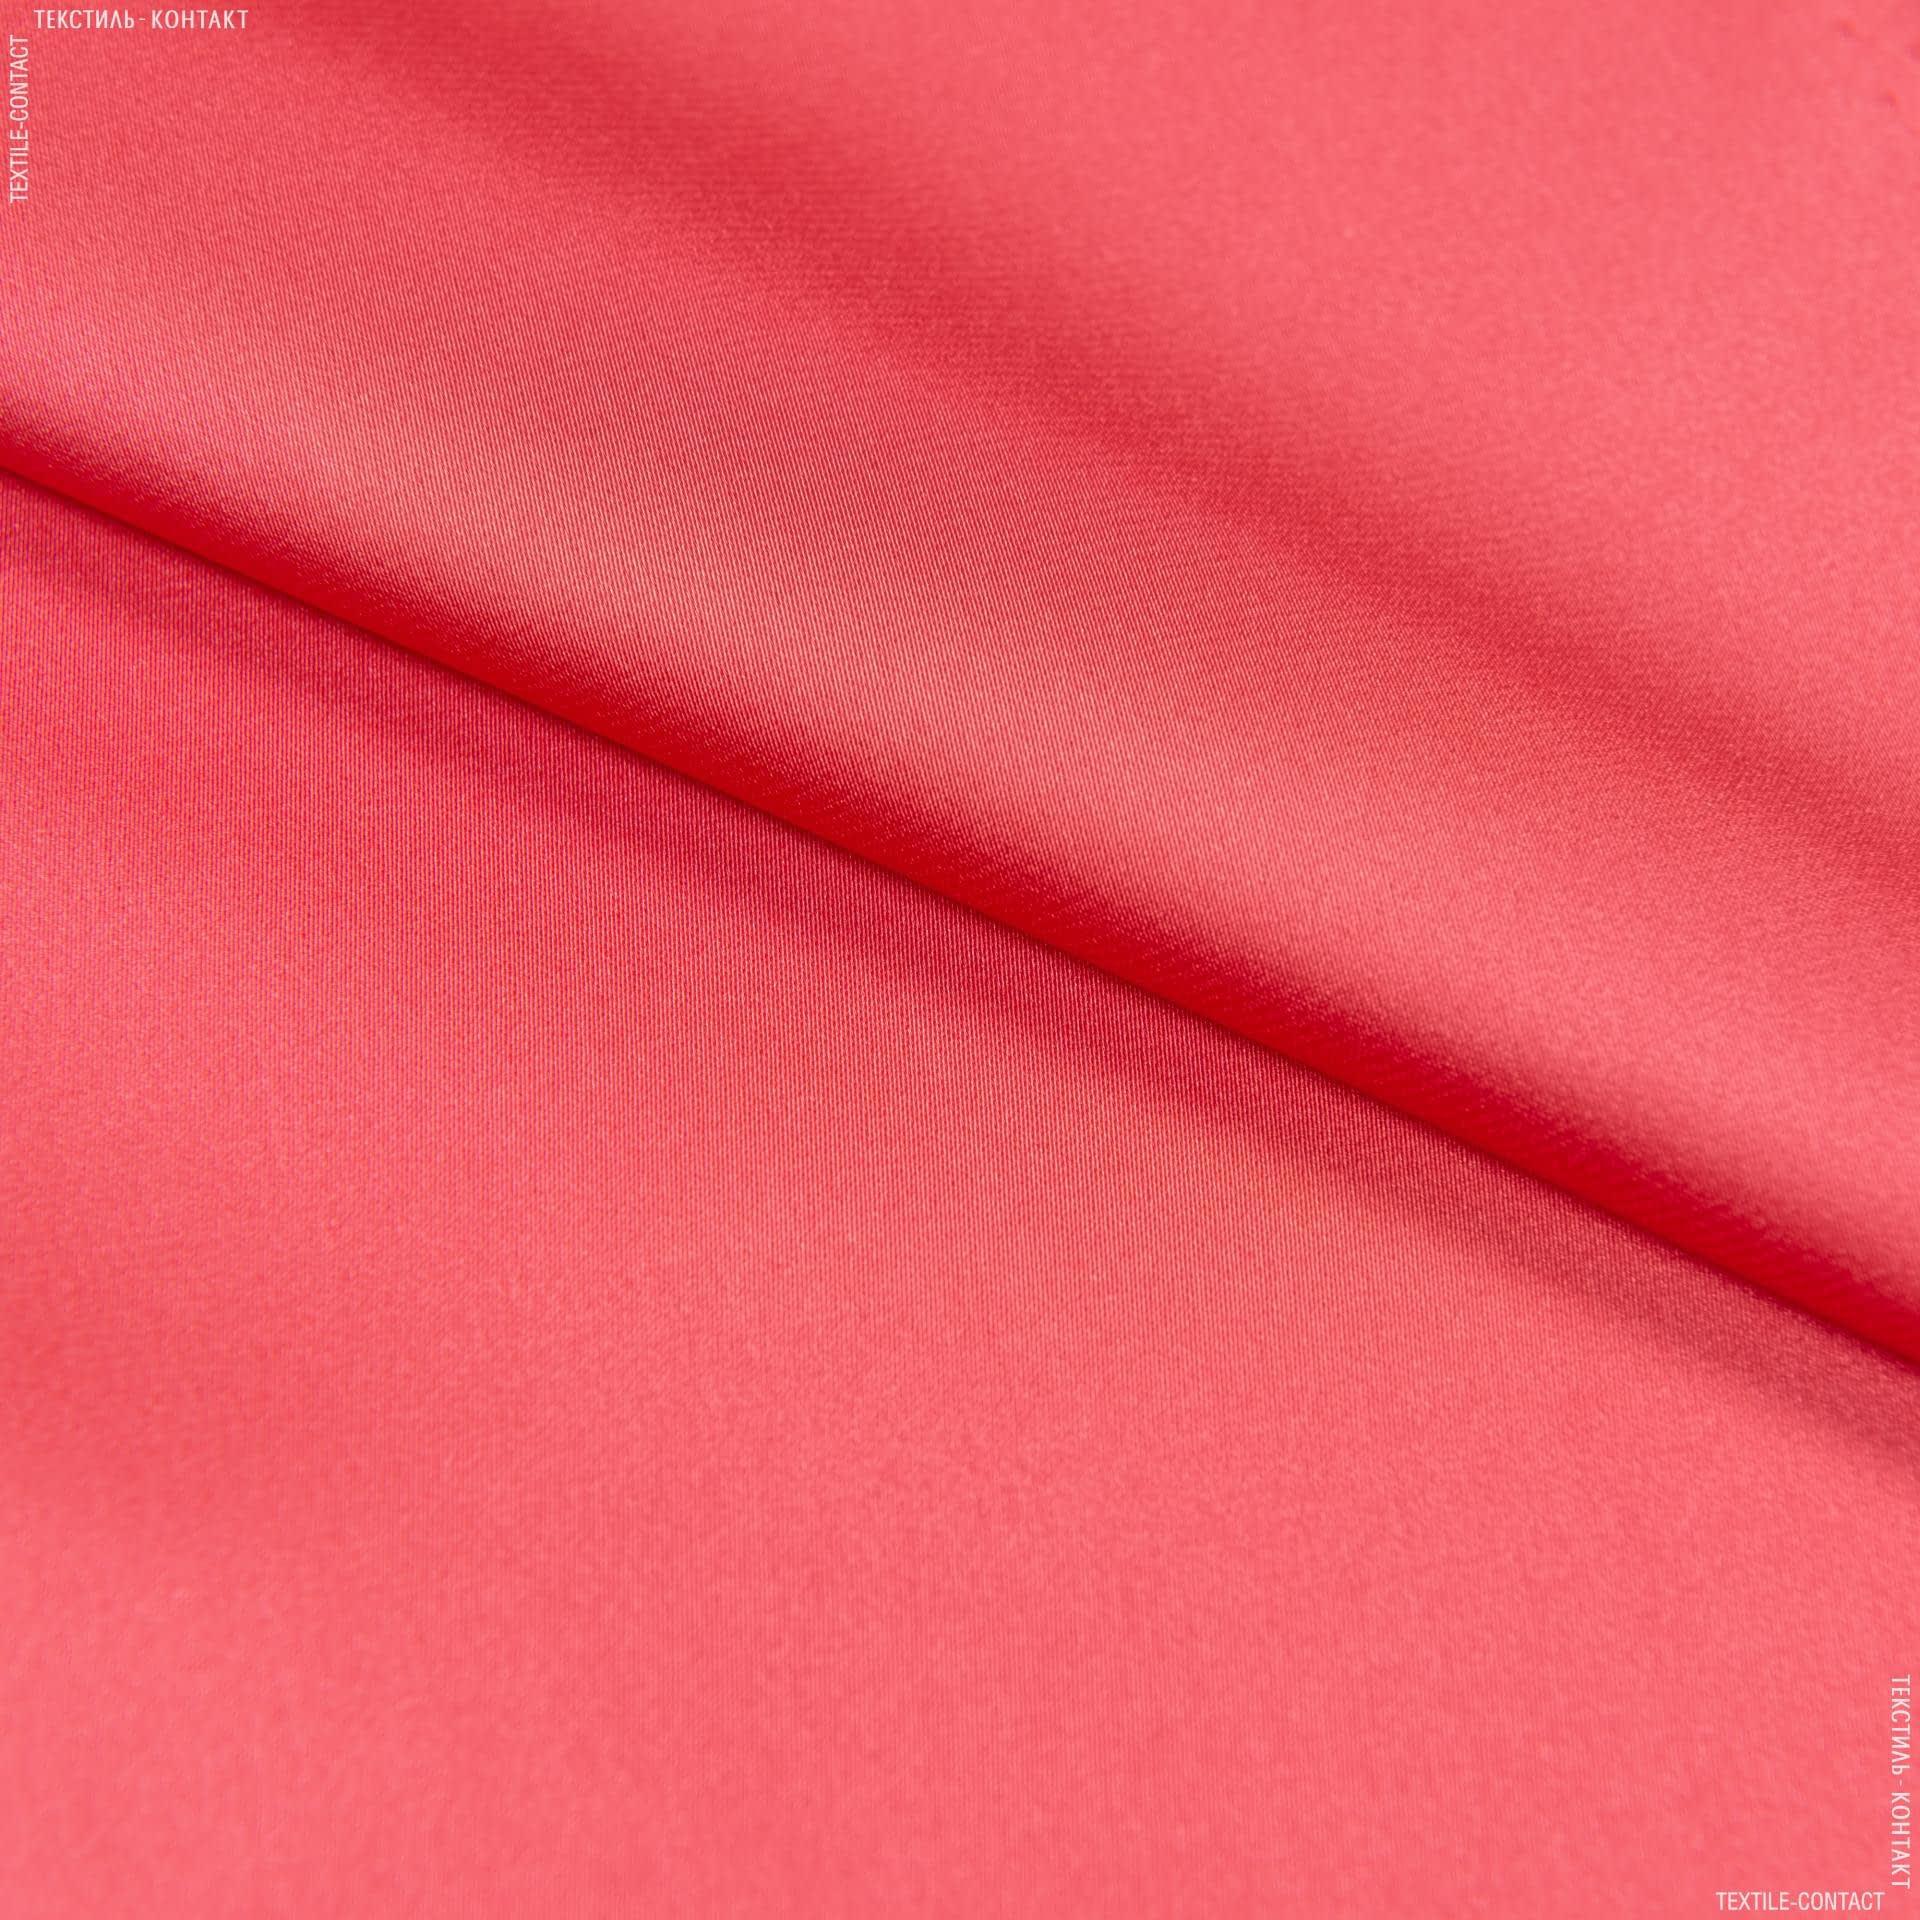 Ткани для платьев - Шелк искусственный стрейч коралловый